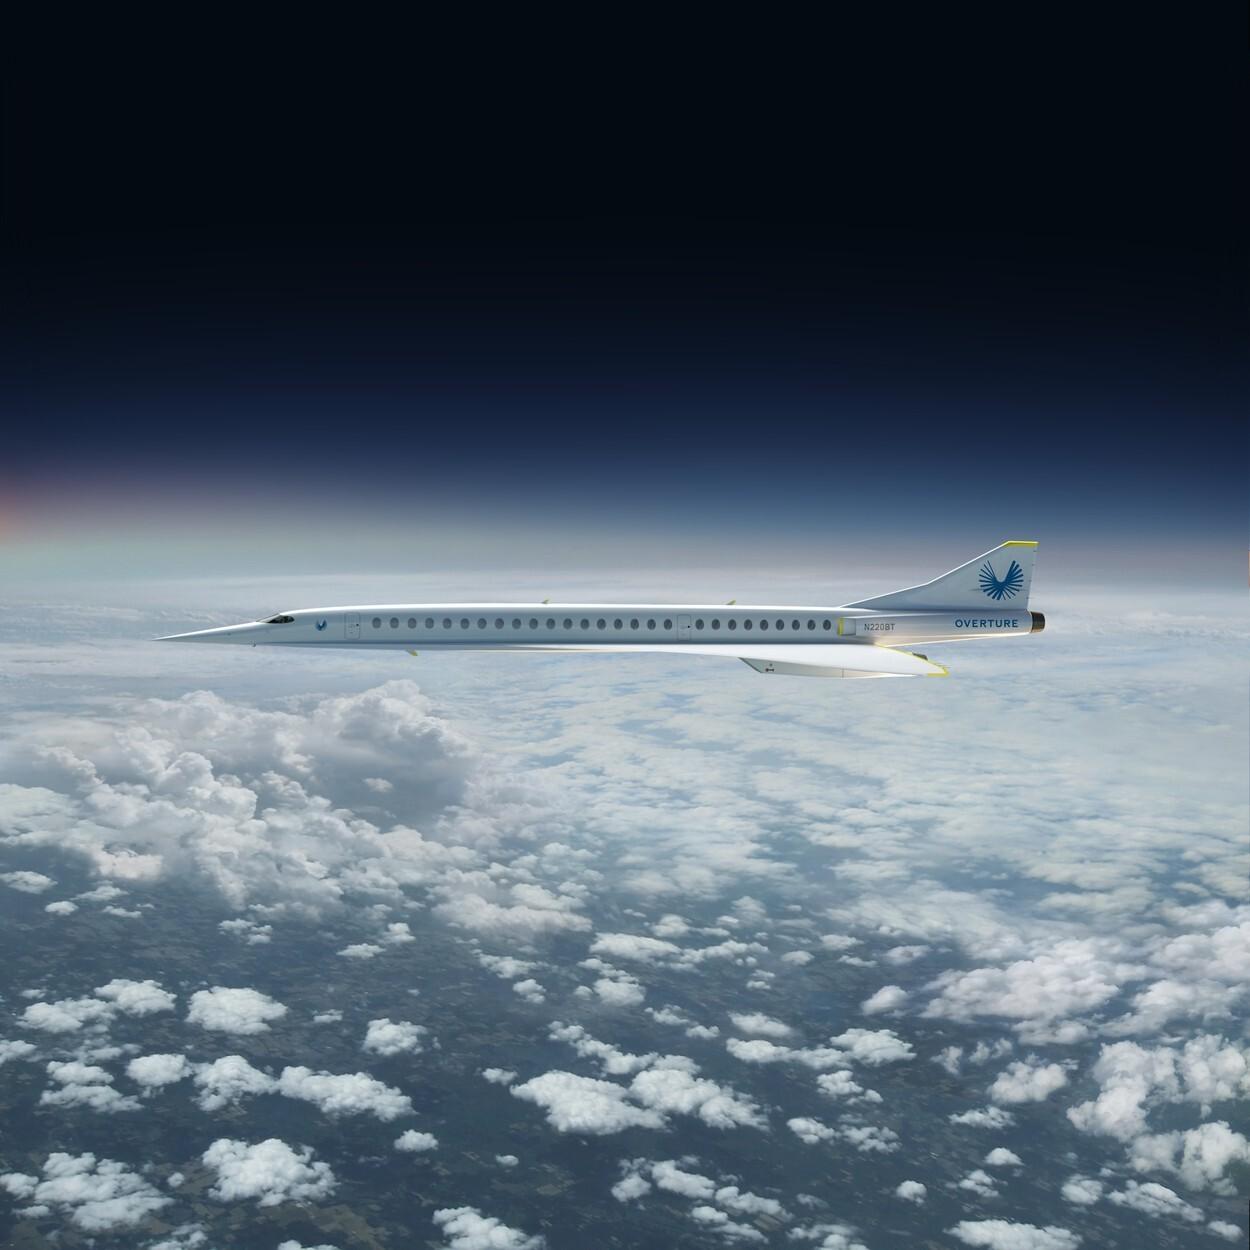 FOTO. Avionul care va putea ajunge oriunde în lume în patru ore. Biletele vor costa sub 100 de dolari